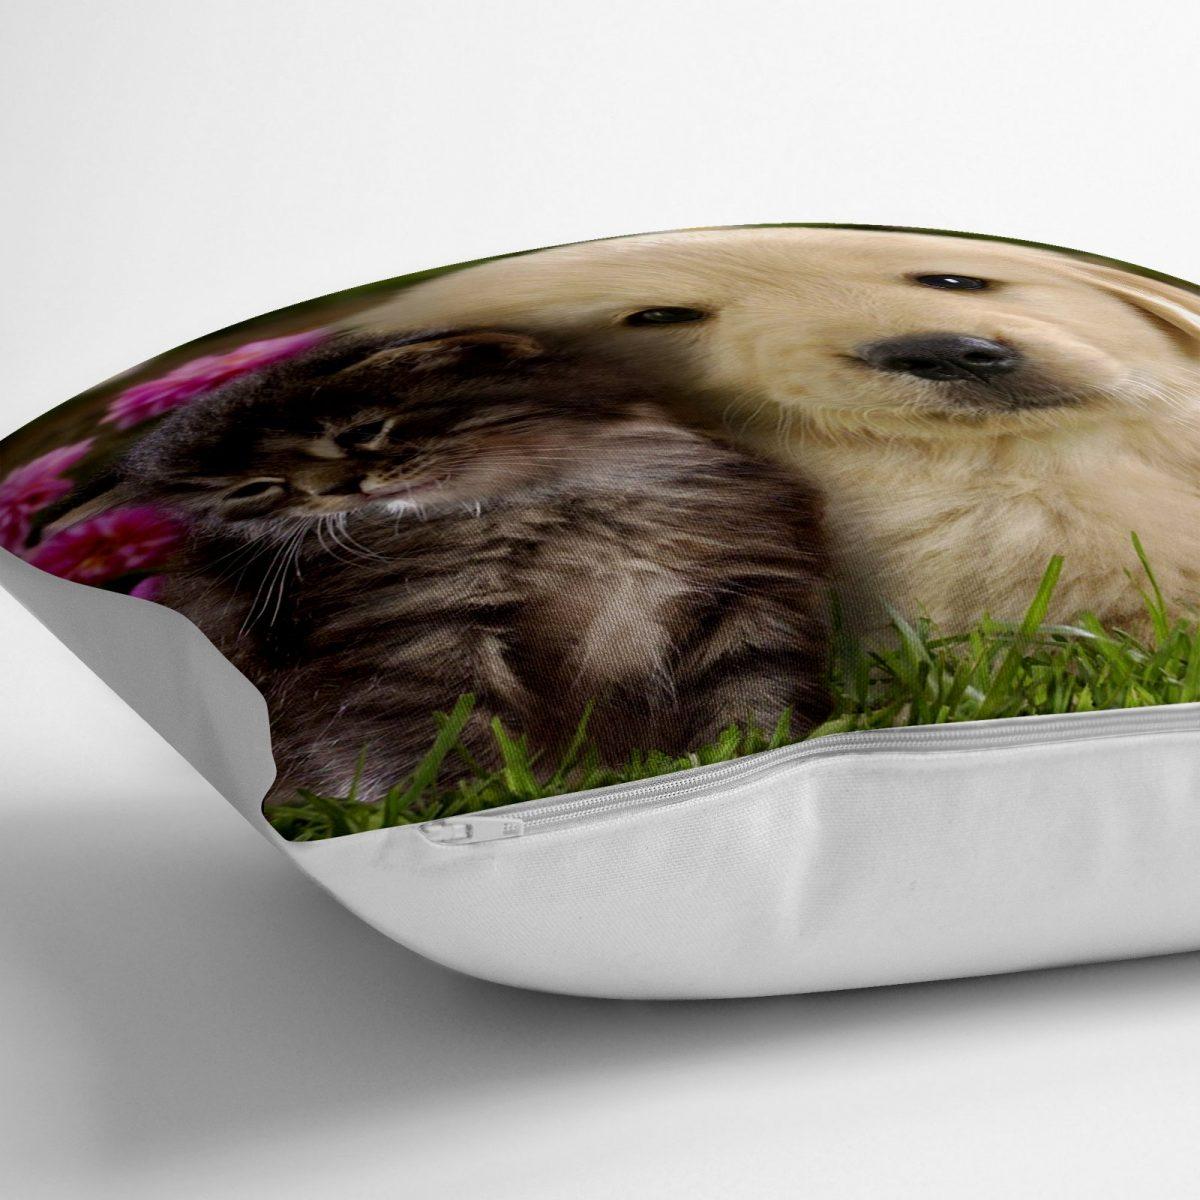 Hayvanlar Alemi Dijital Baskılı Dekoratif Yer Minderi - 70 x 70 cm Realhomes